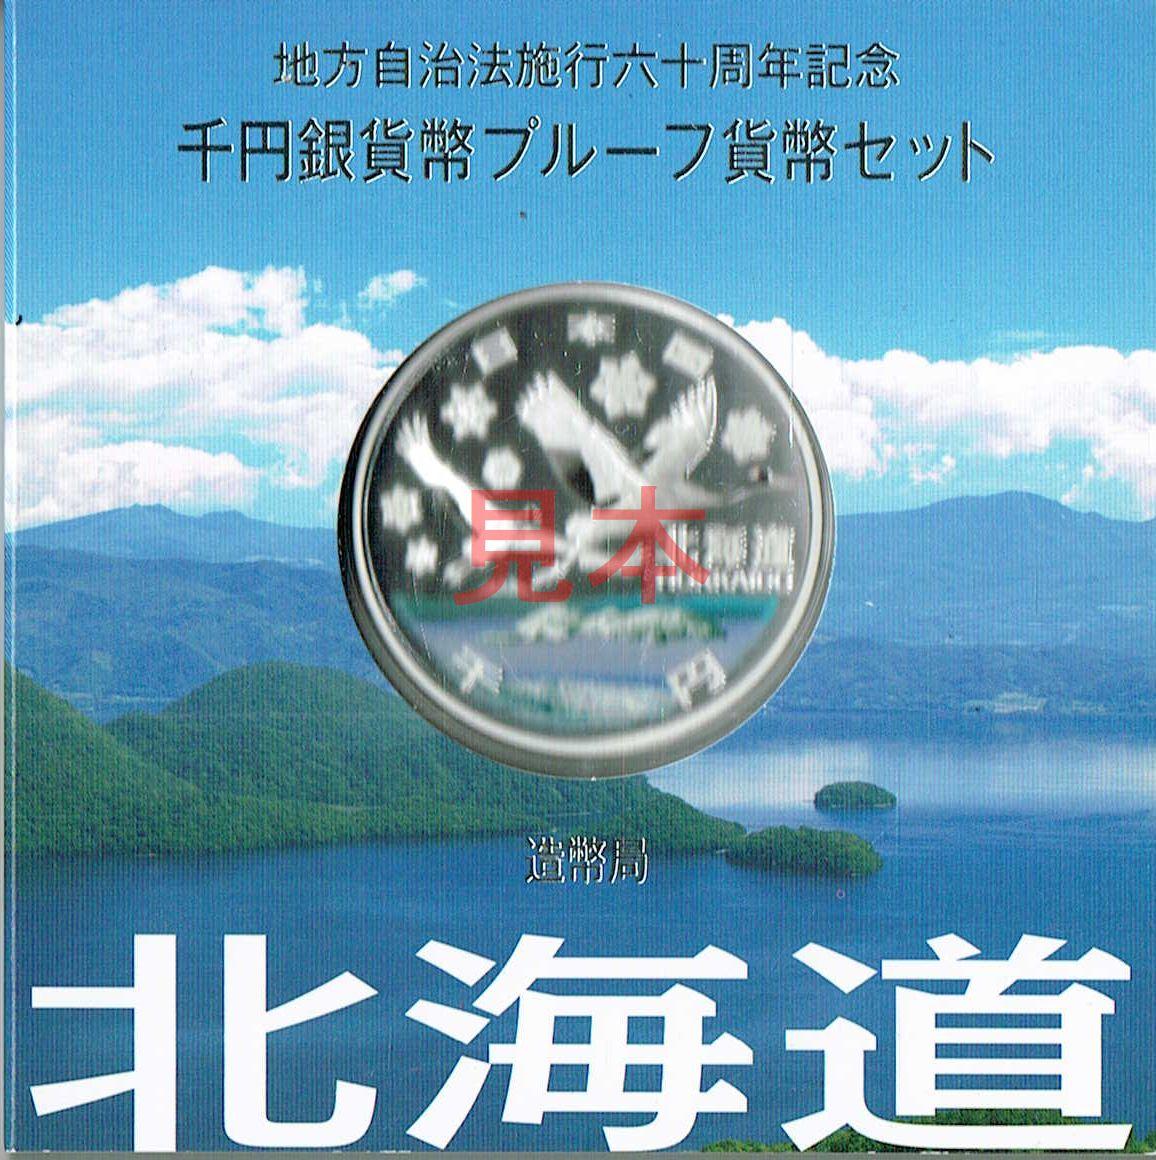 商品名「地方自治法施行60周年記念千円銀貨幣プルーフ Aセット 北海道」